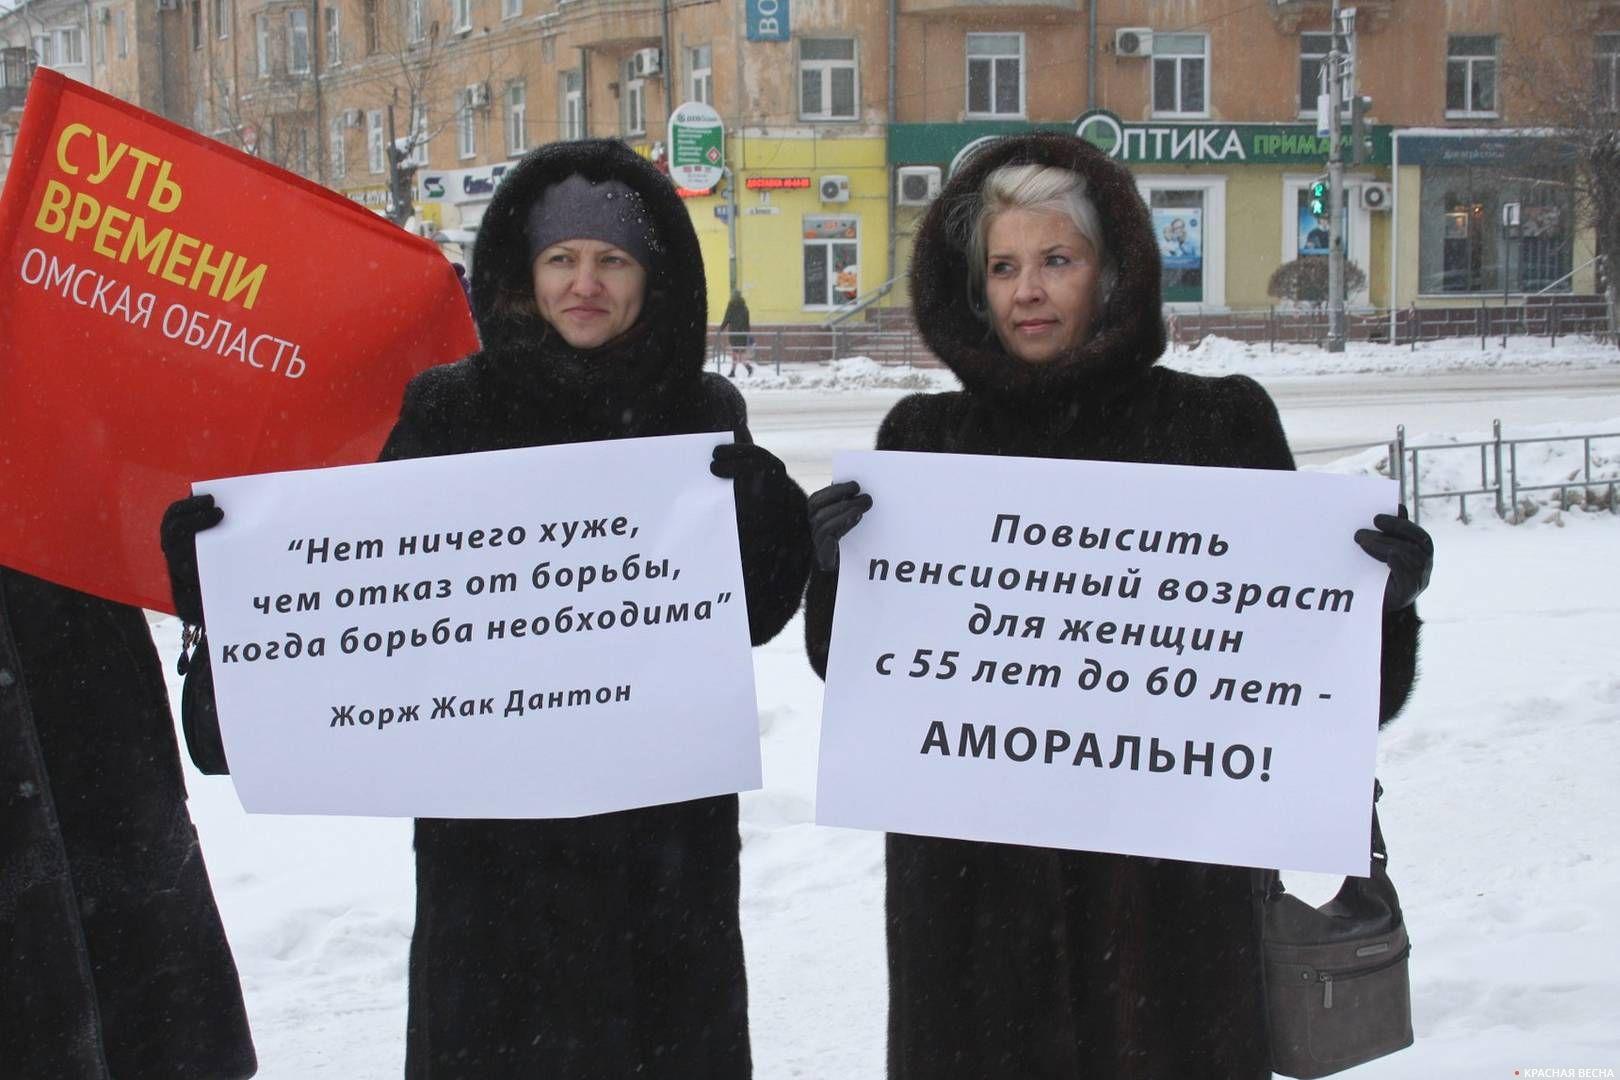 Пикет против пенсионной реформы. Омск. 01.12.2018